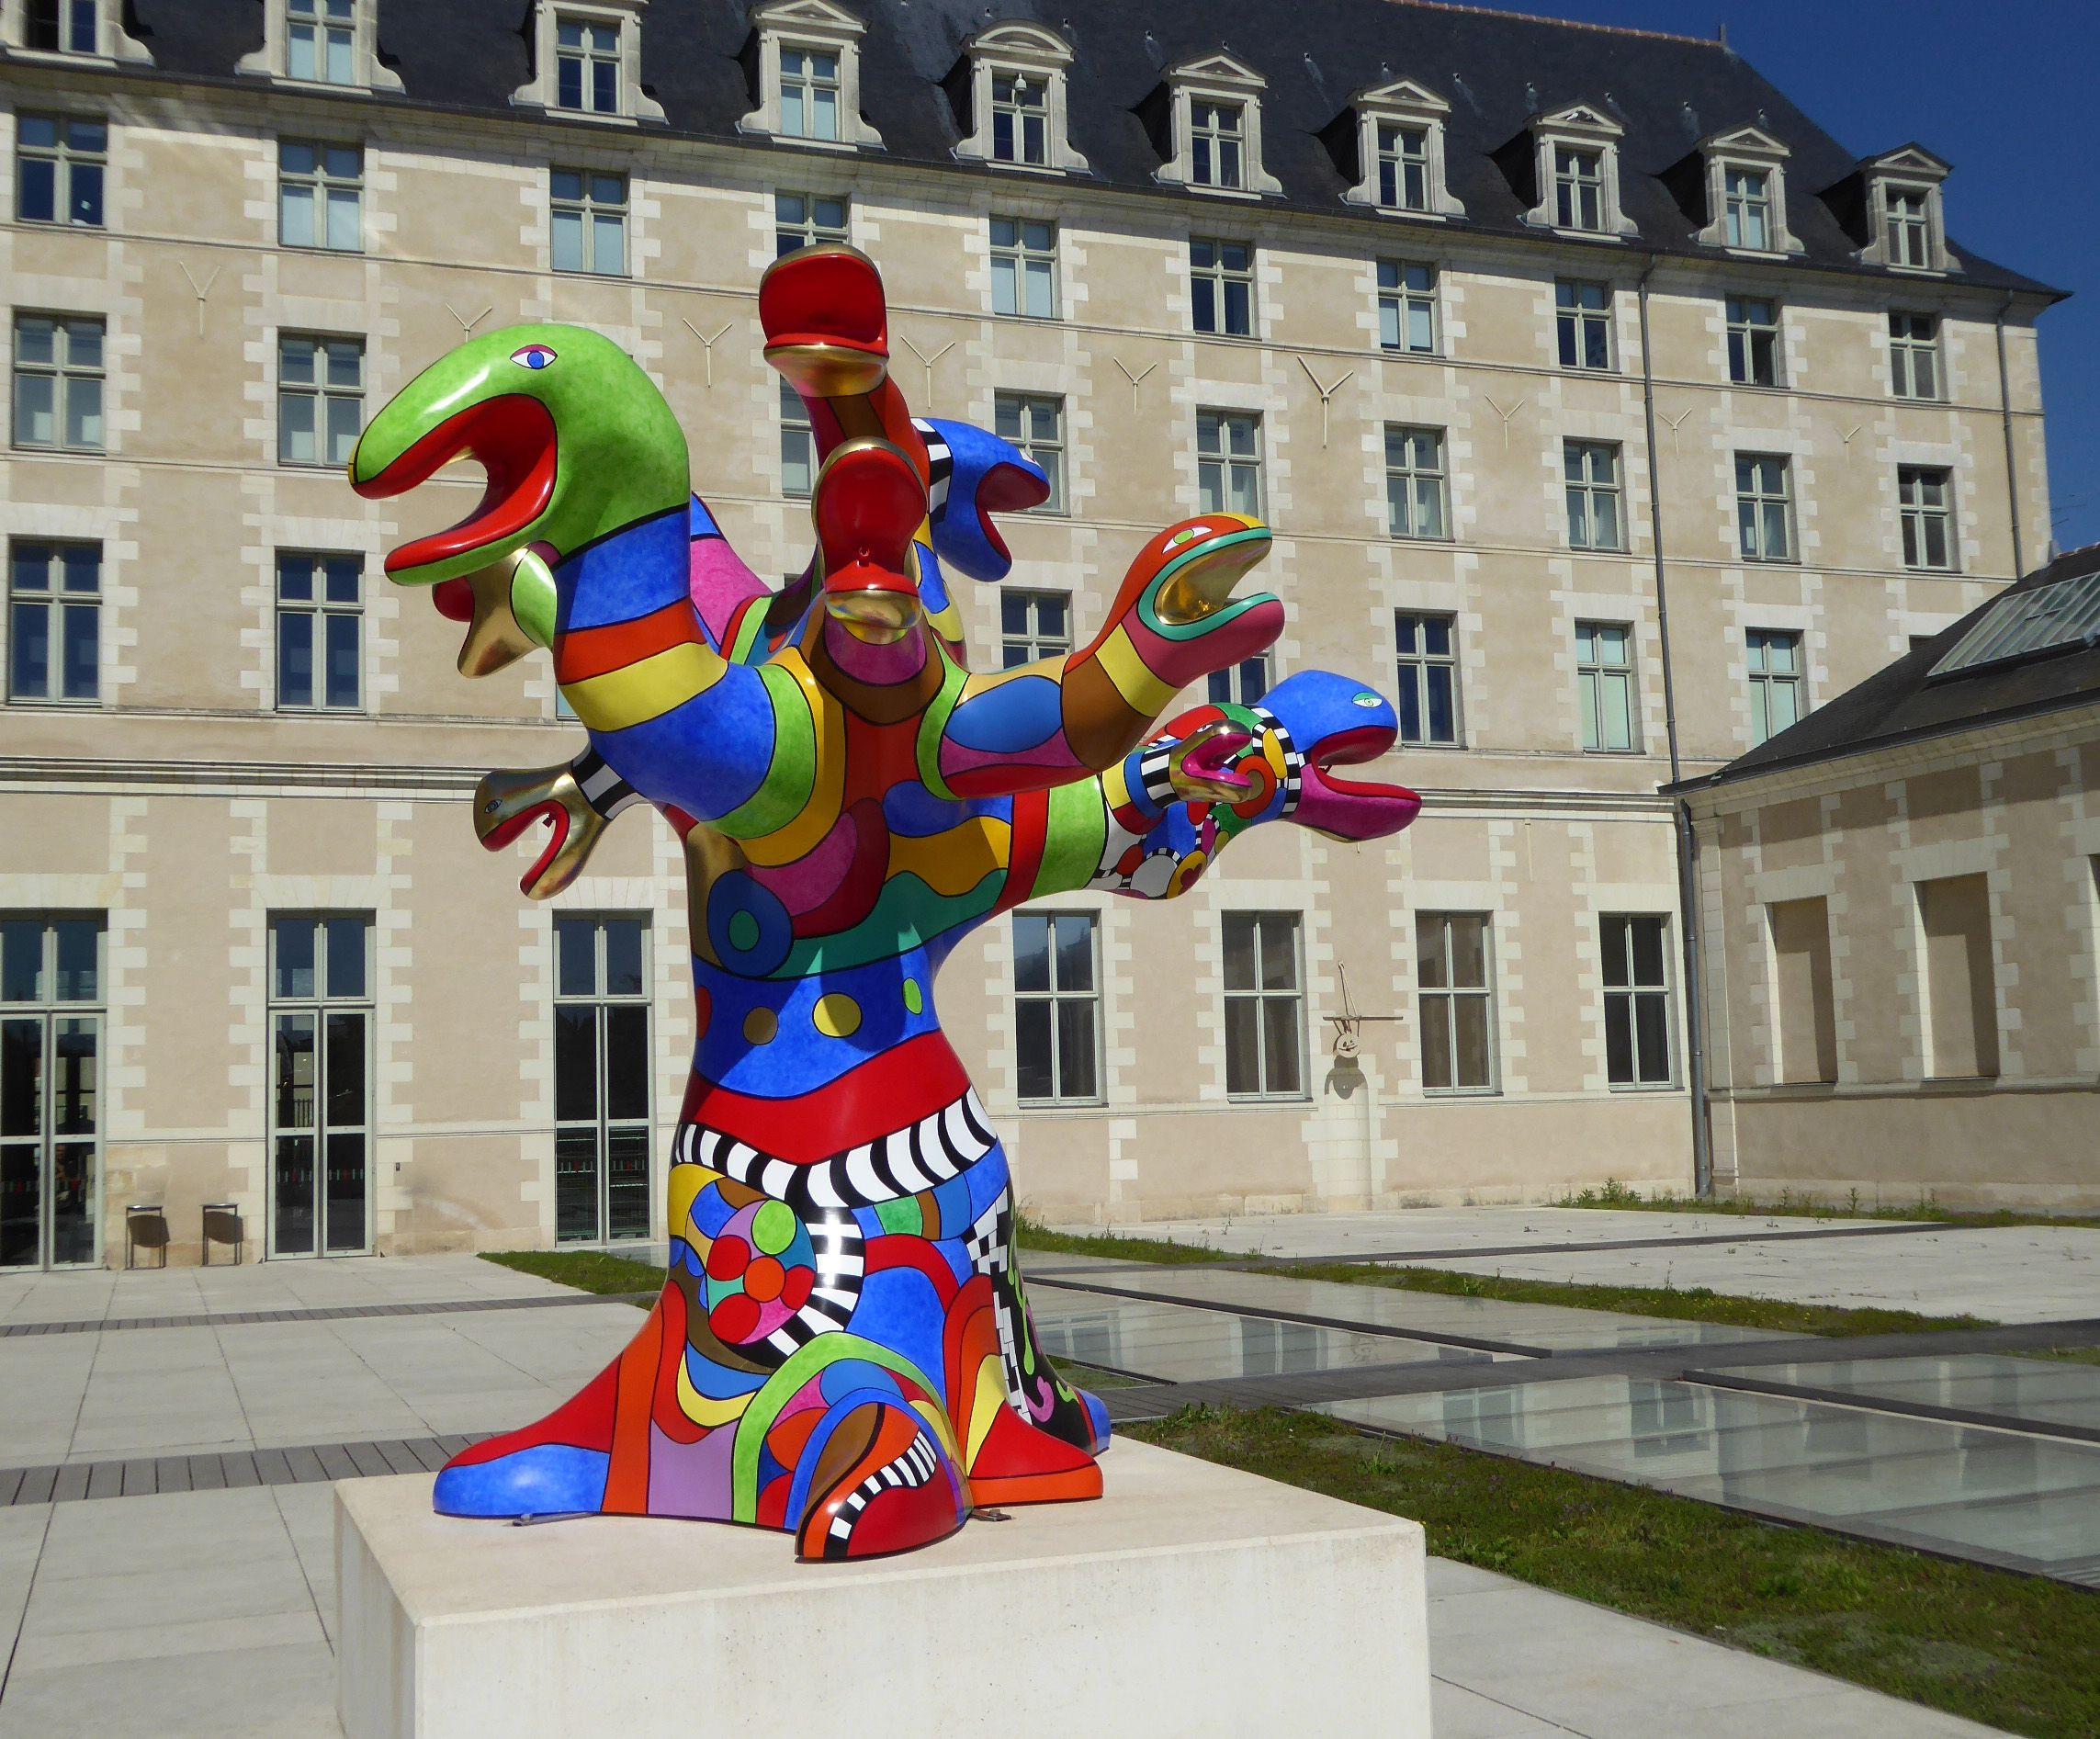 L arbre serpents de Niki de Saint Phalle dans la cour du Musée des